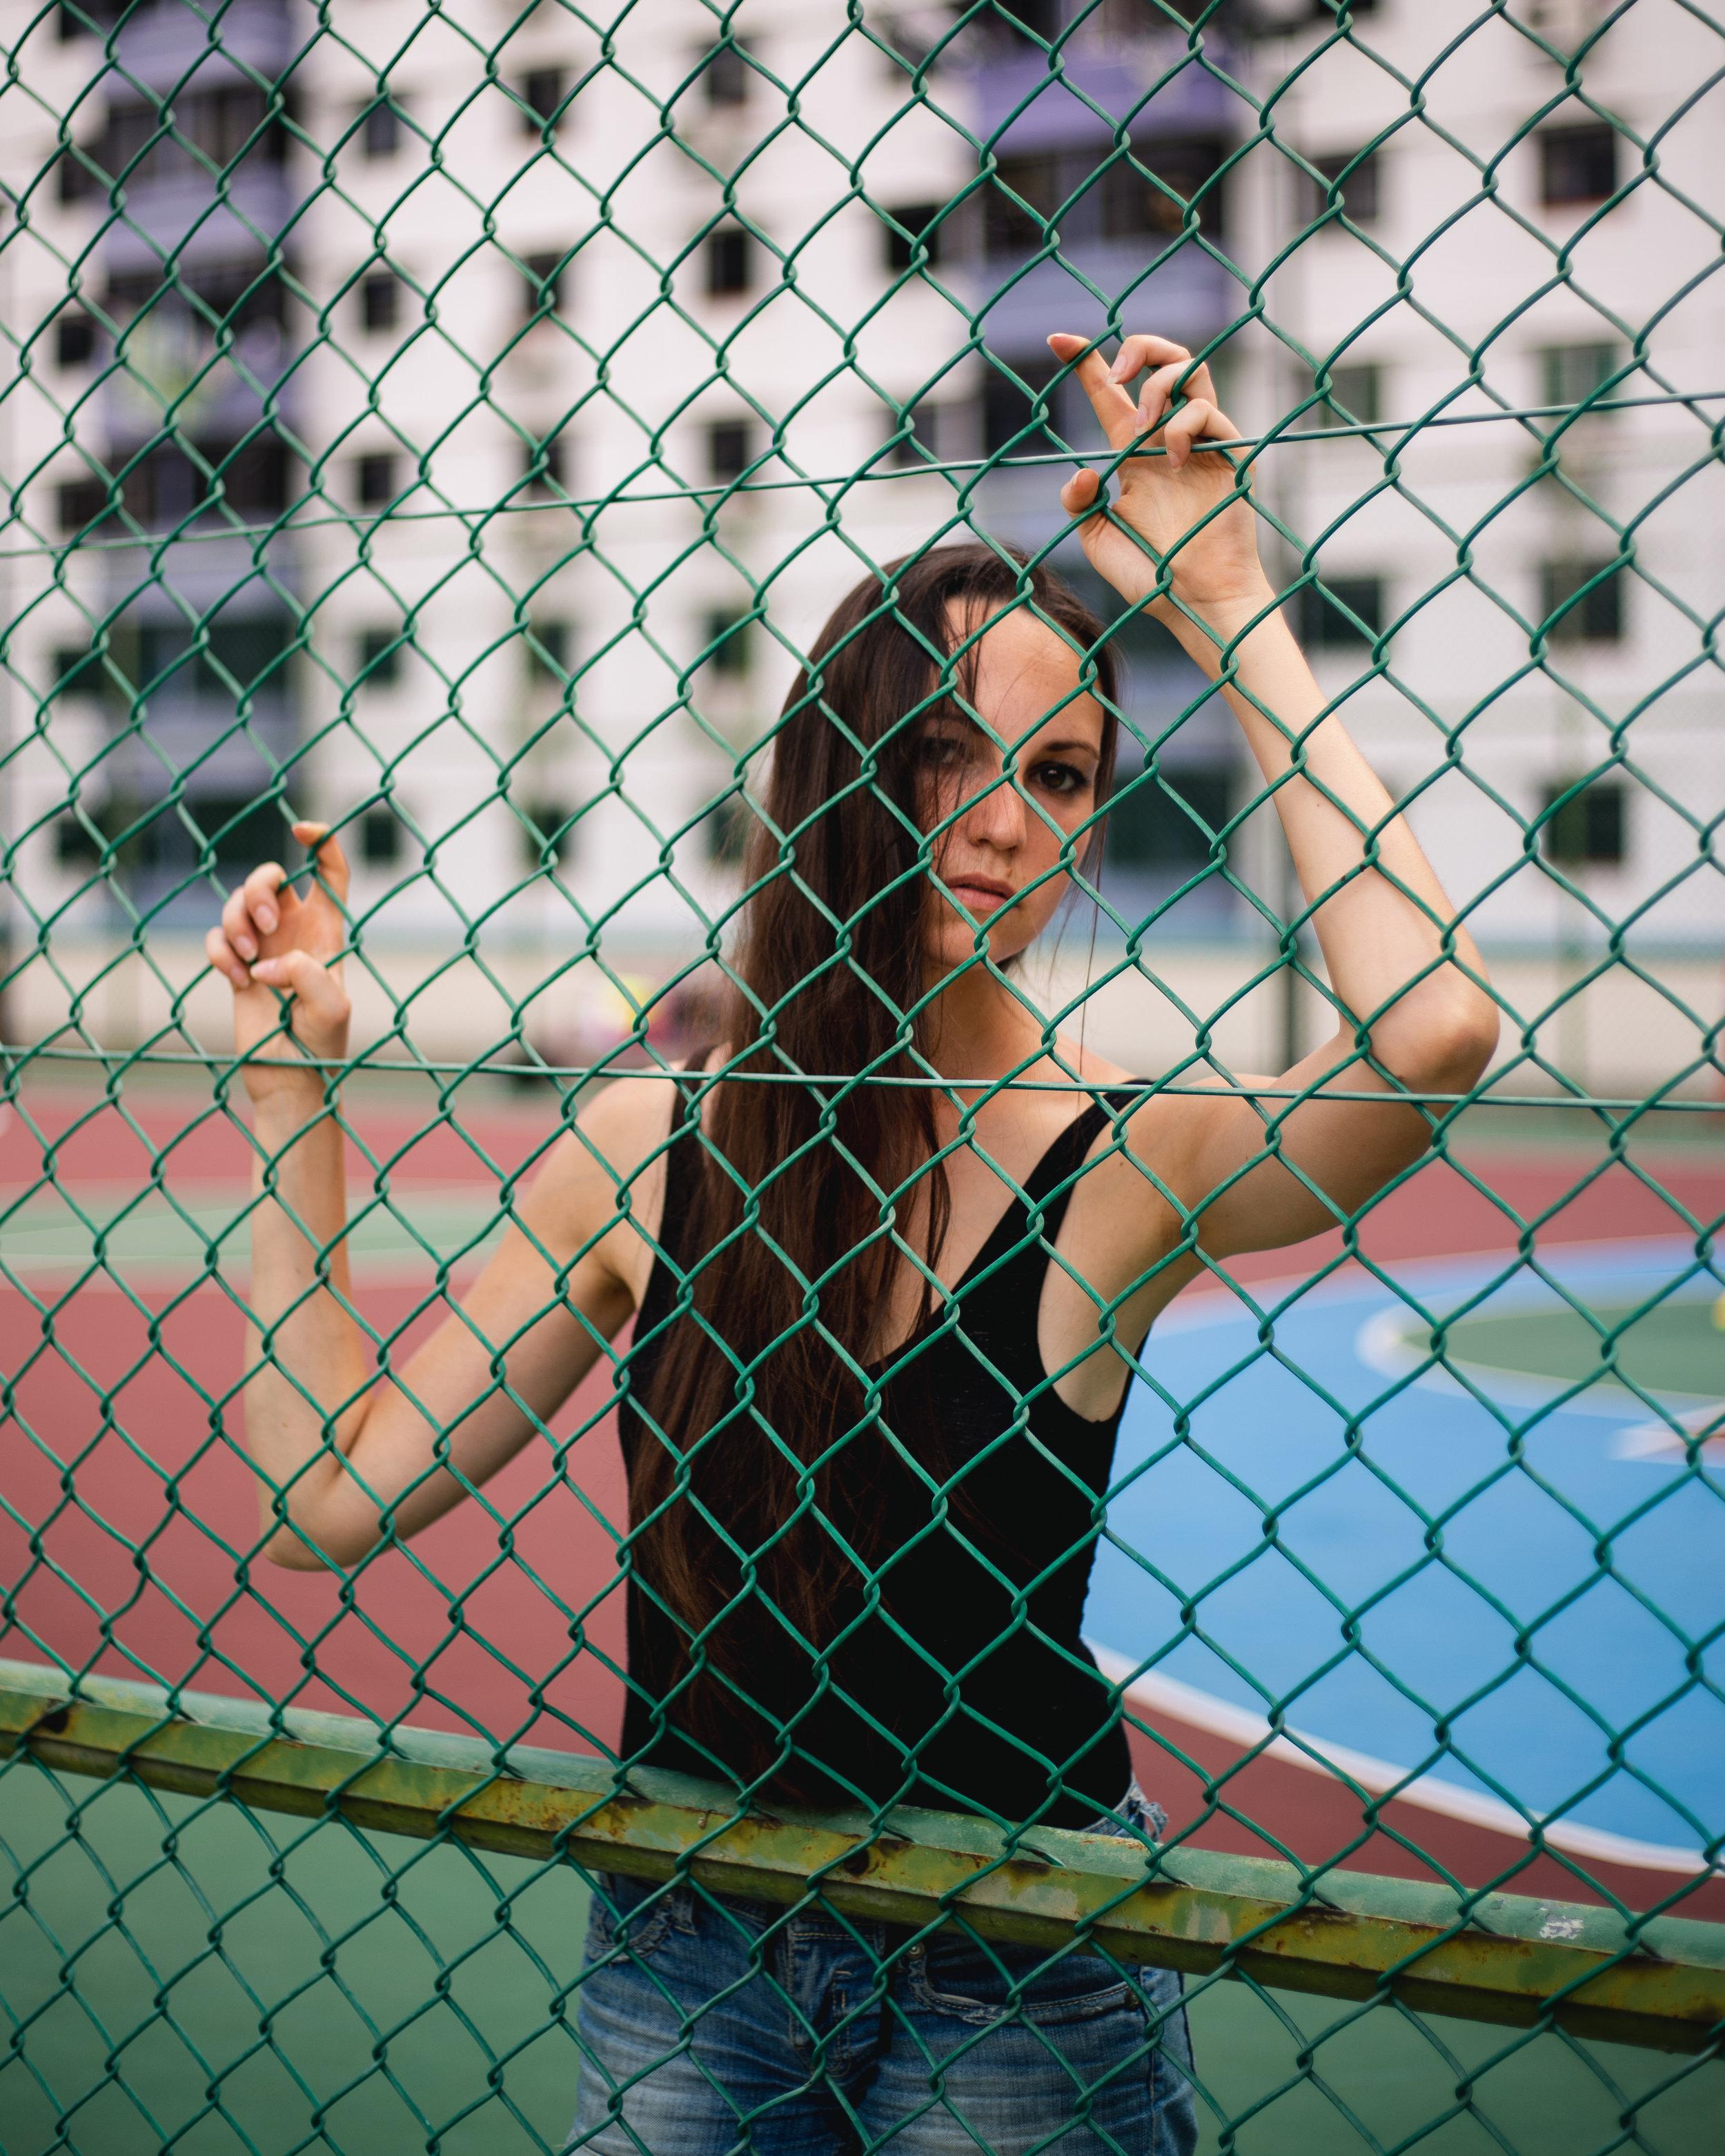 Manuela Casual Outdoor Shoot